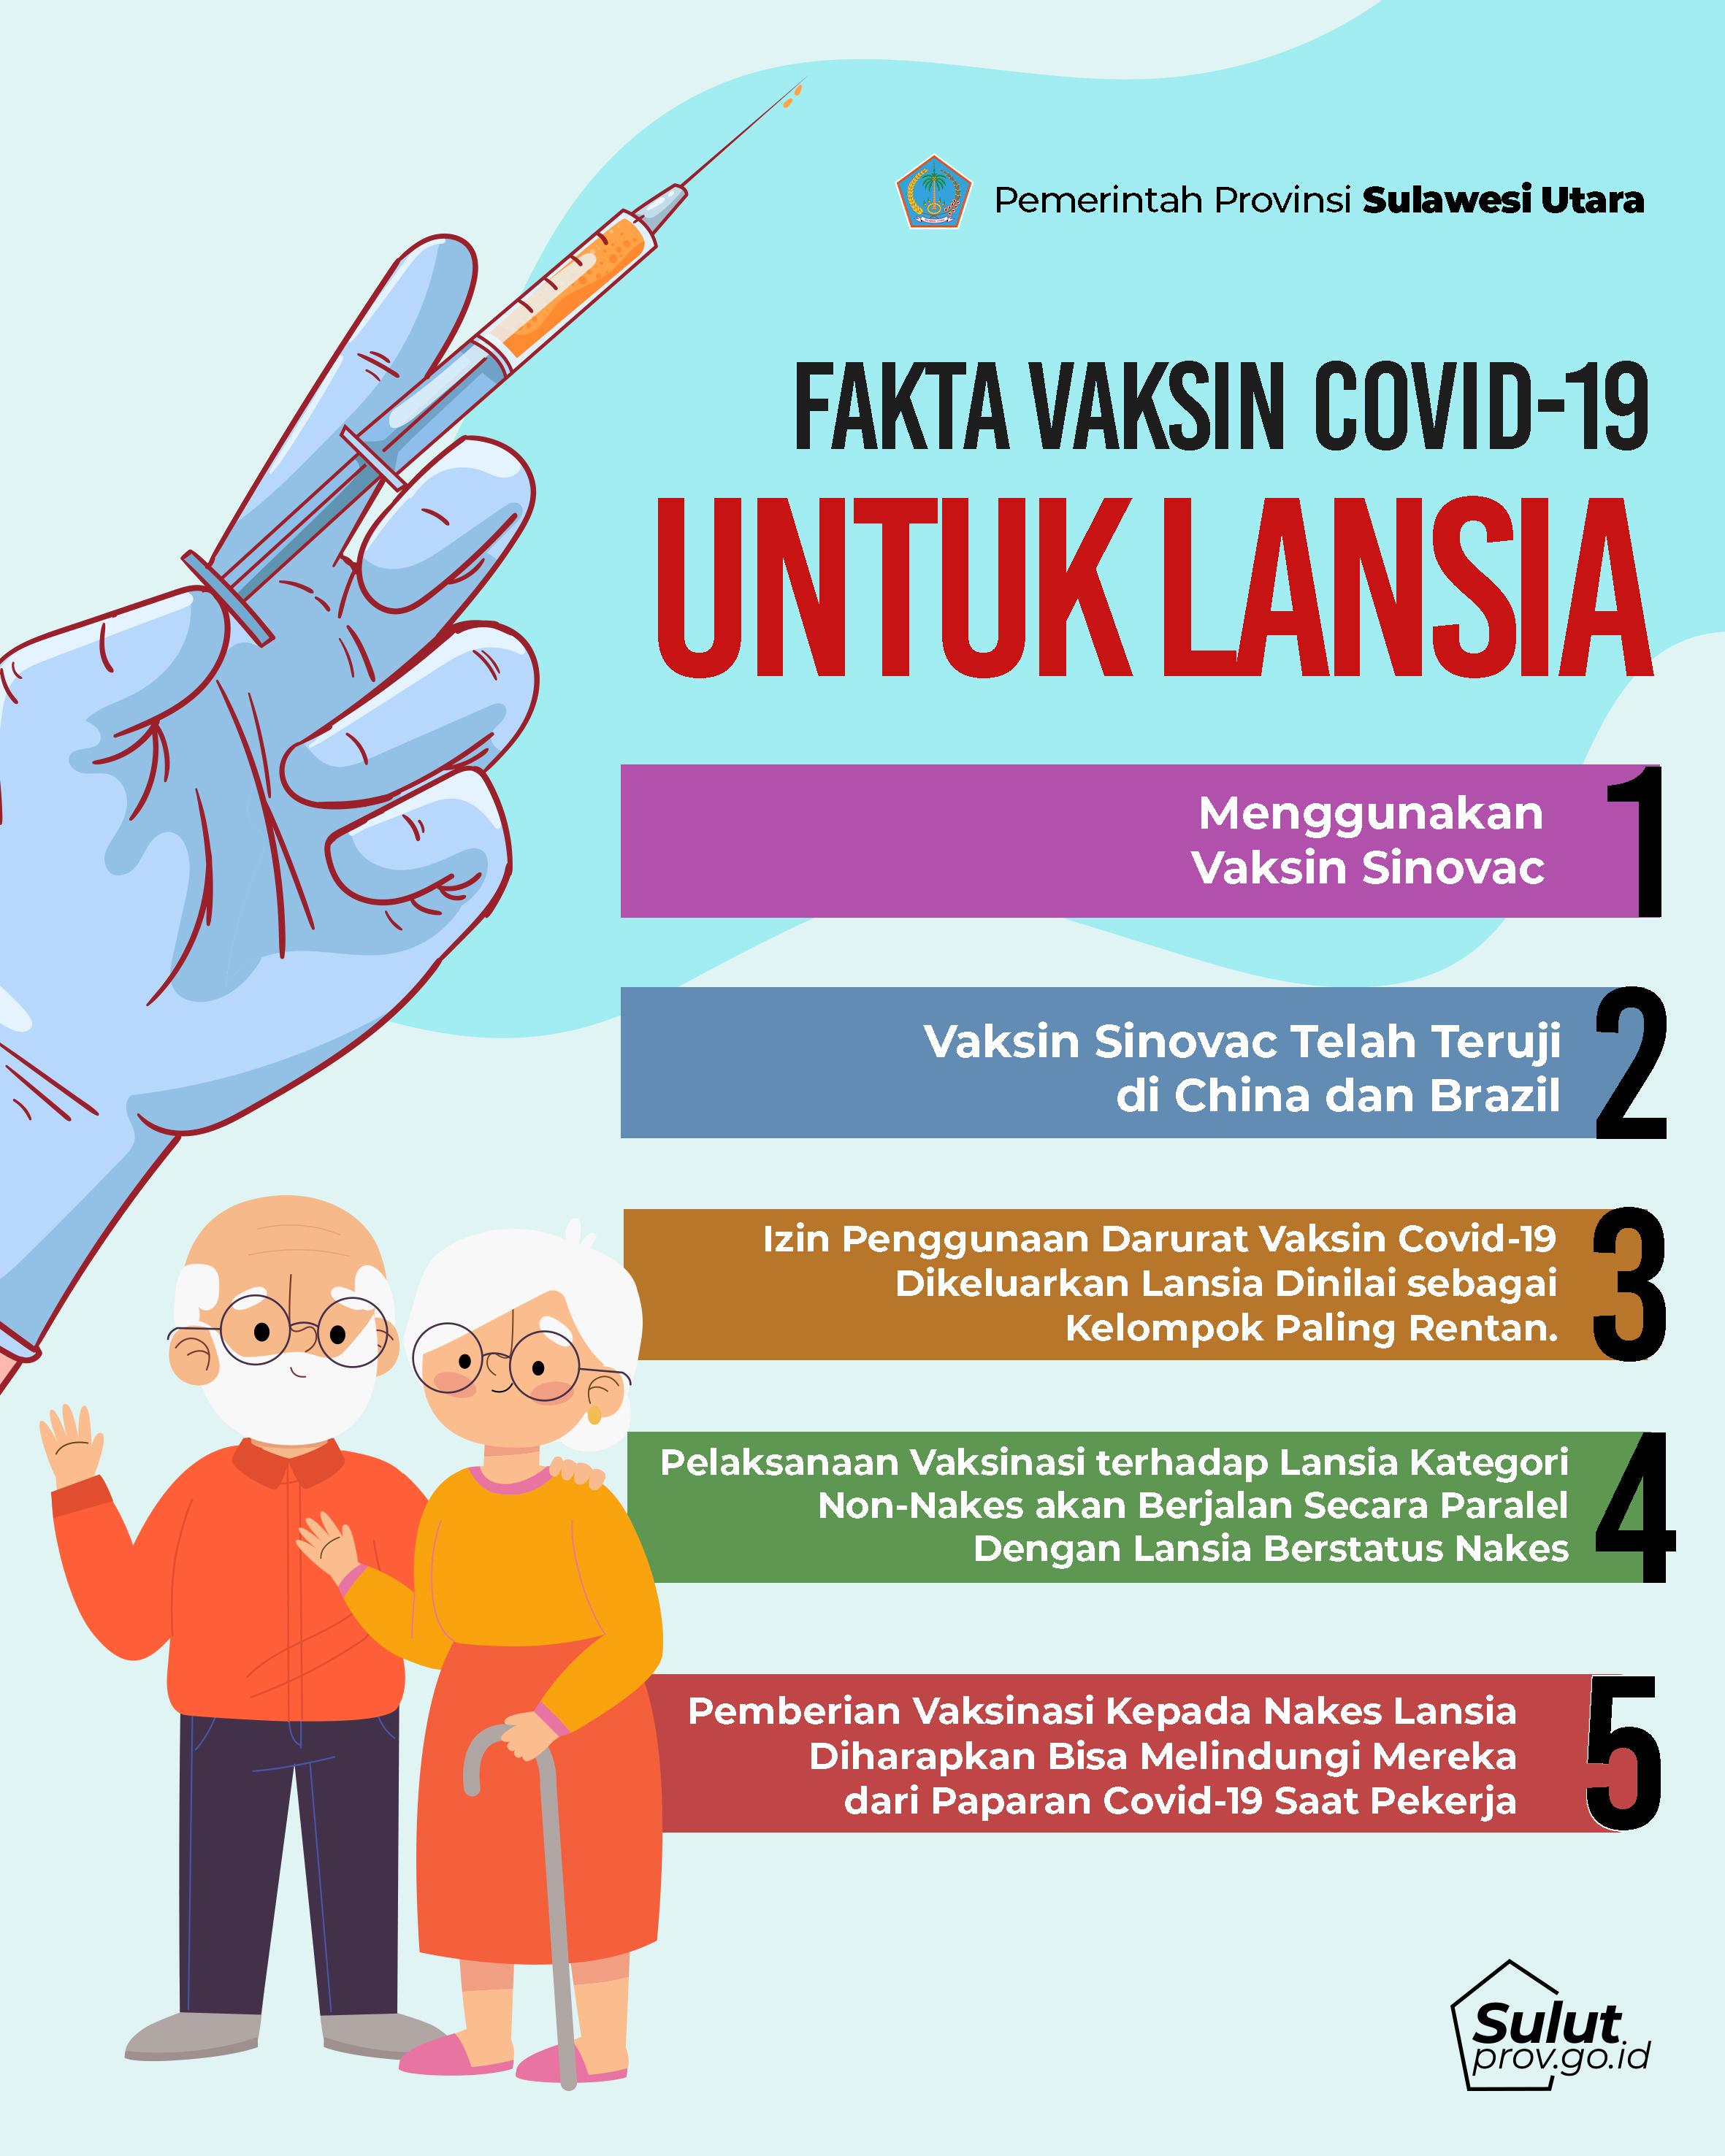 Fakta Vaksin Covid-19 Untuk Lansia